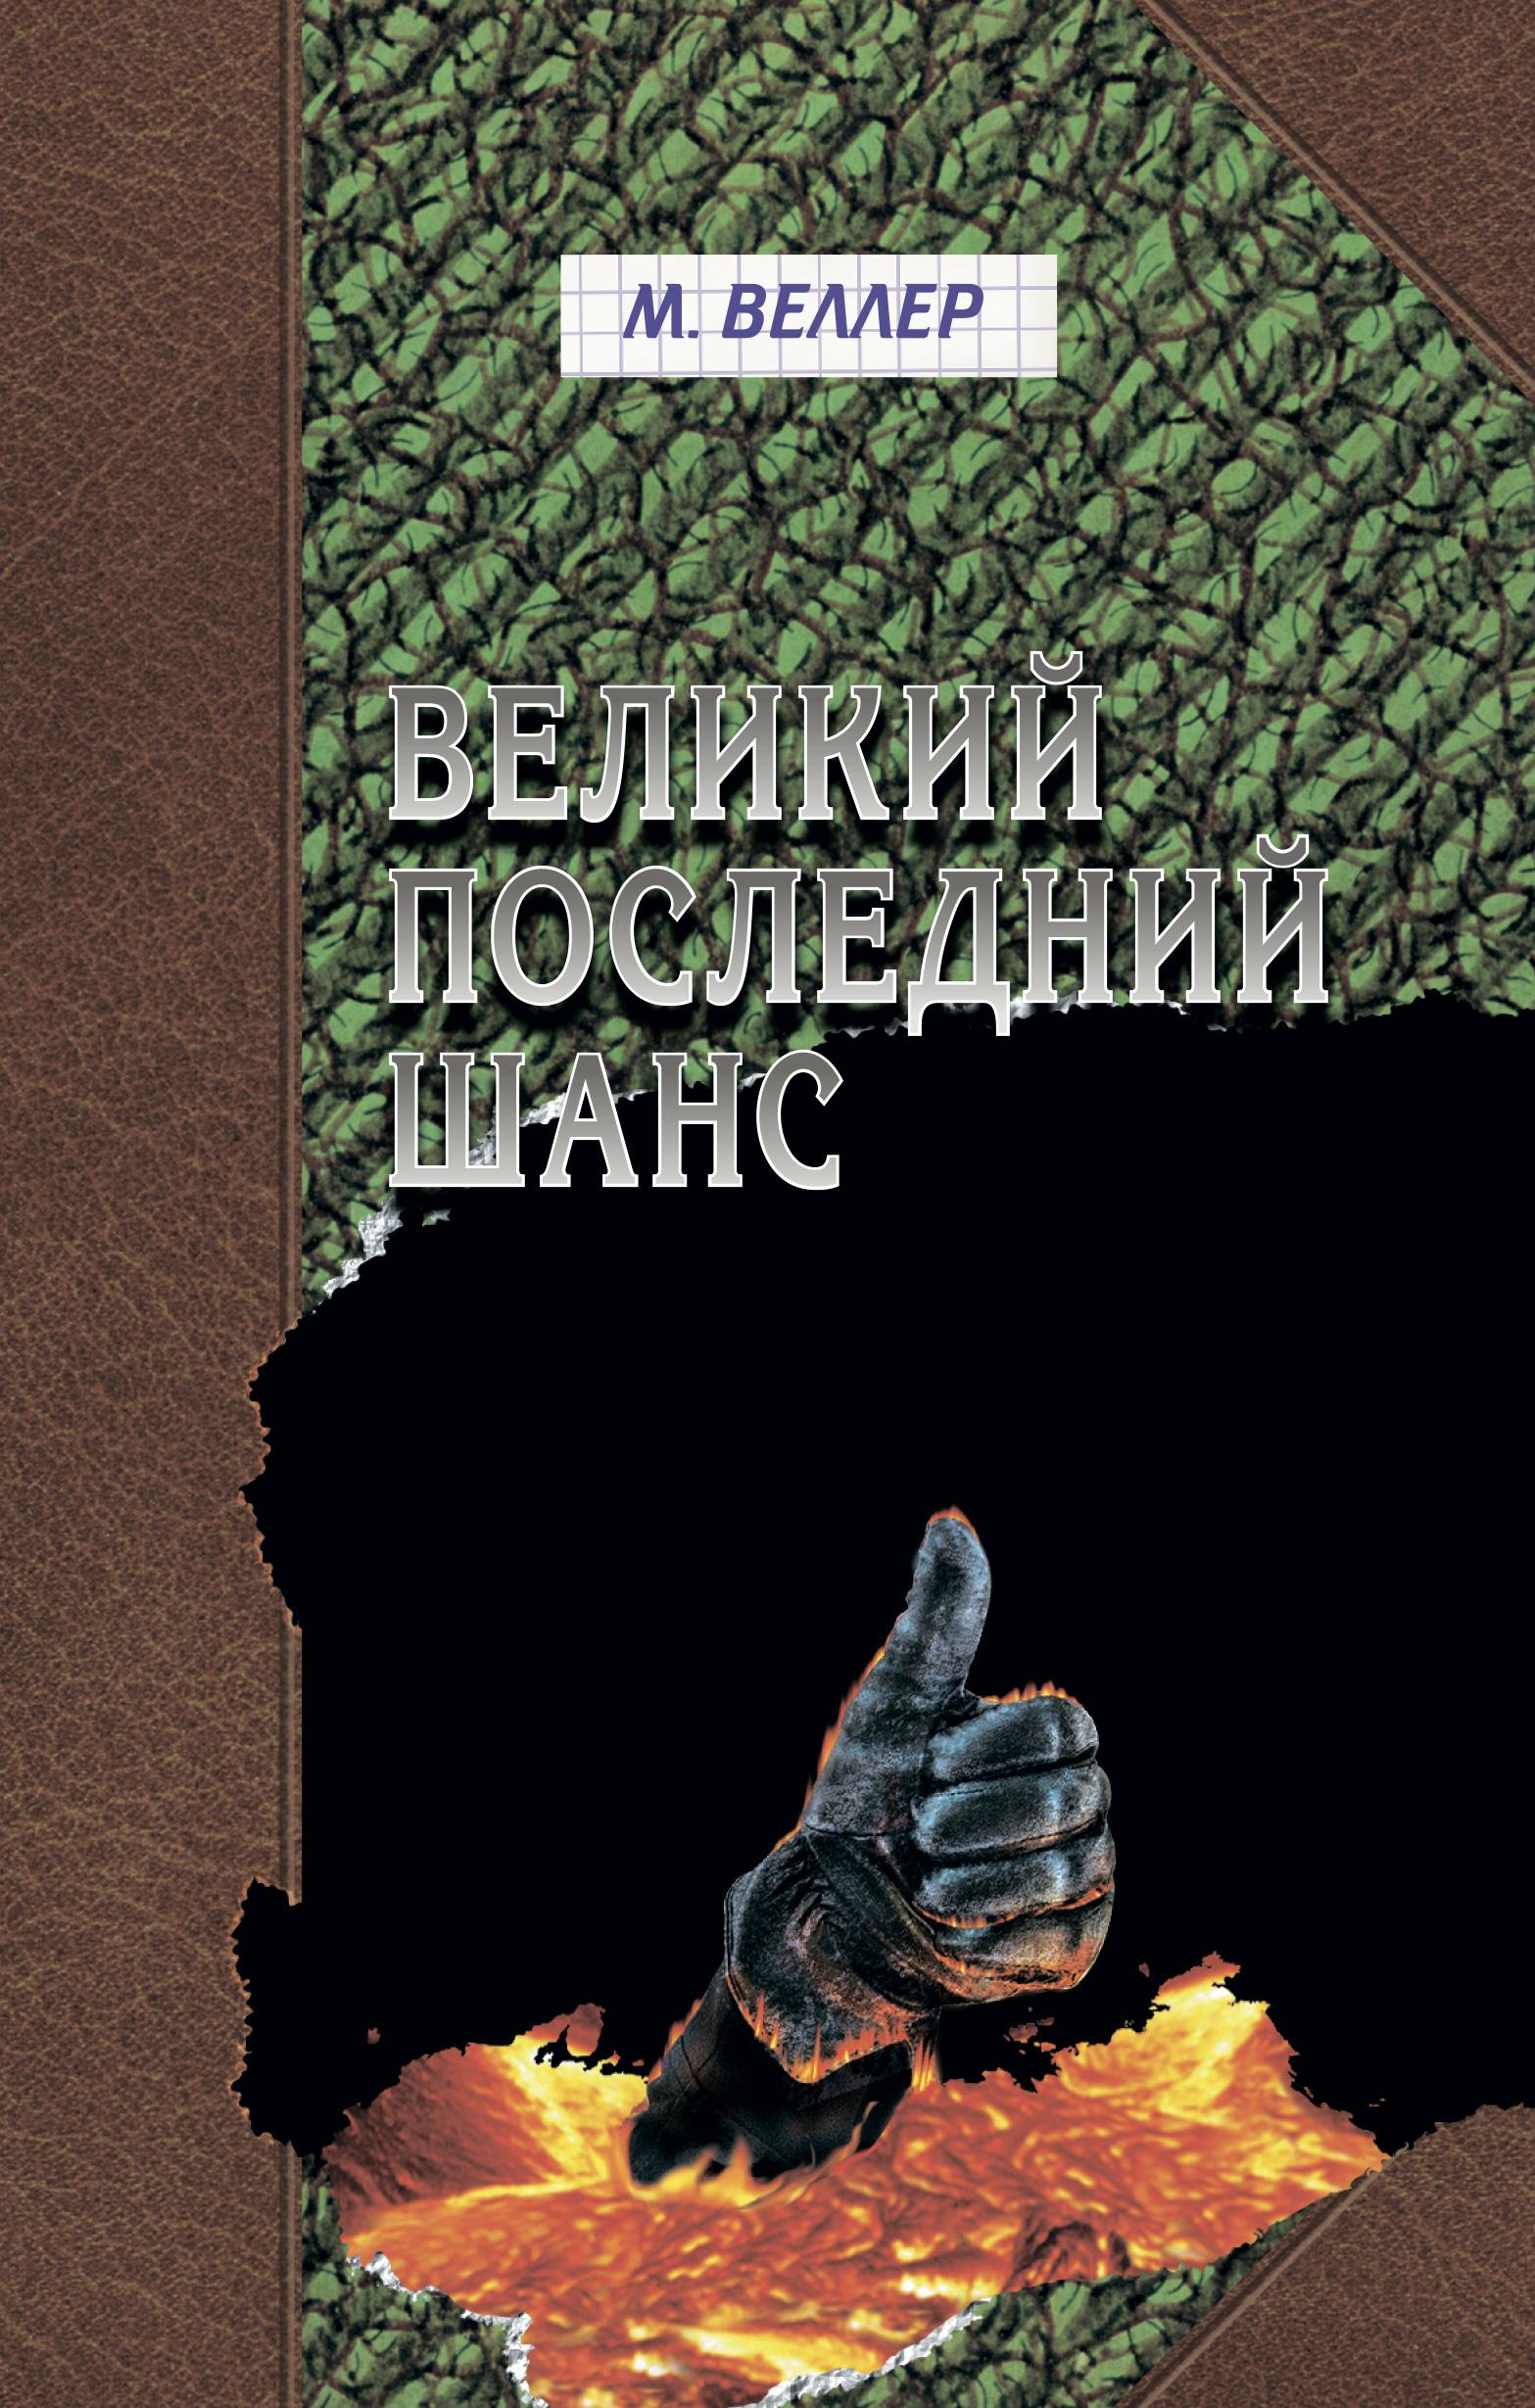 Михаил Веллер Великий последний шанс (сборник) книги эксмо последний космический шанс